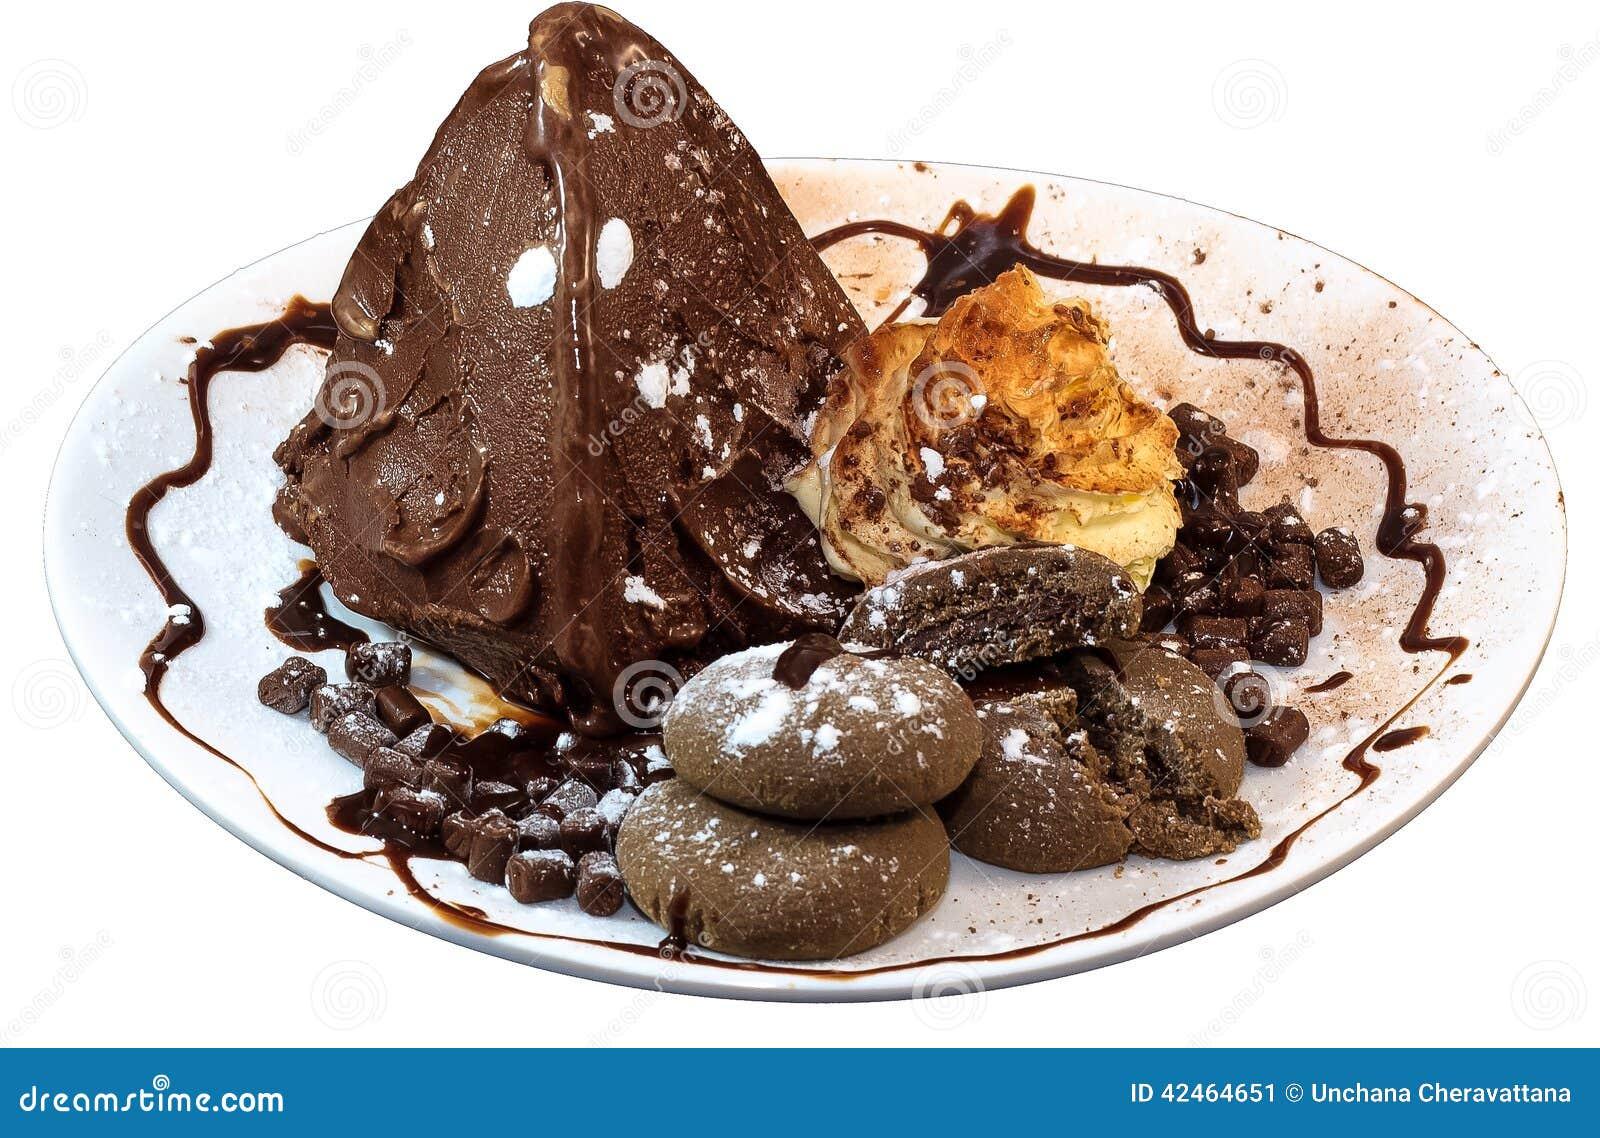 Schokoladen-Eiscreme im Plattenisolat auf Weiß